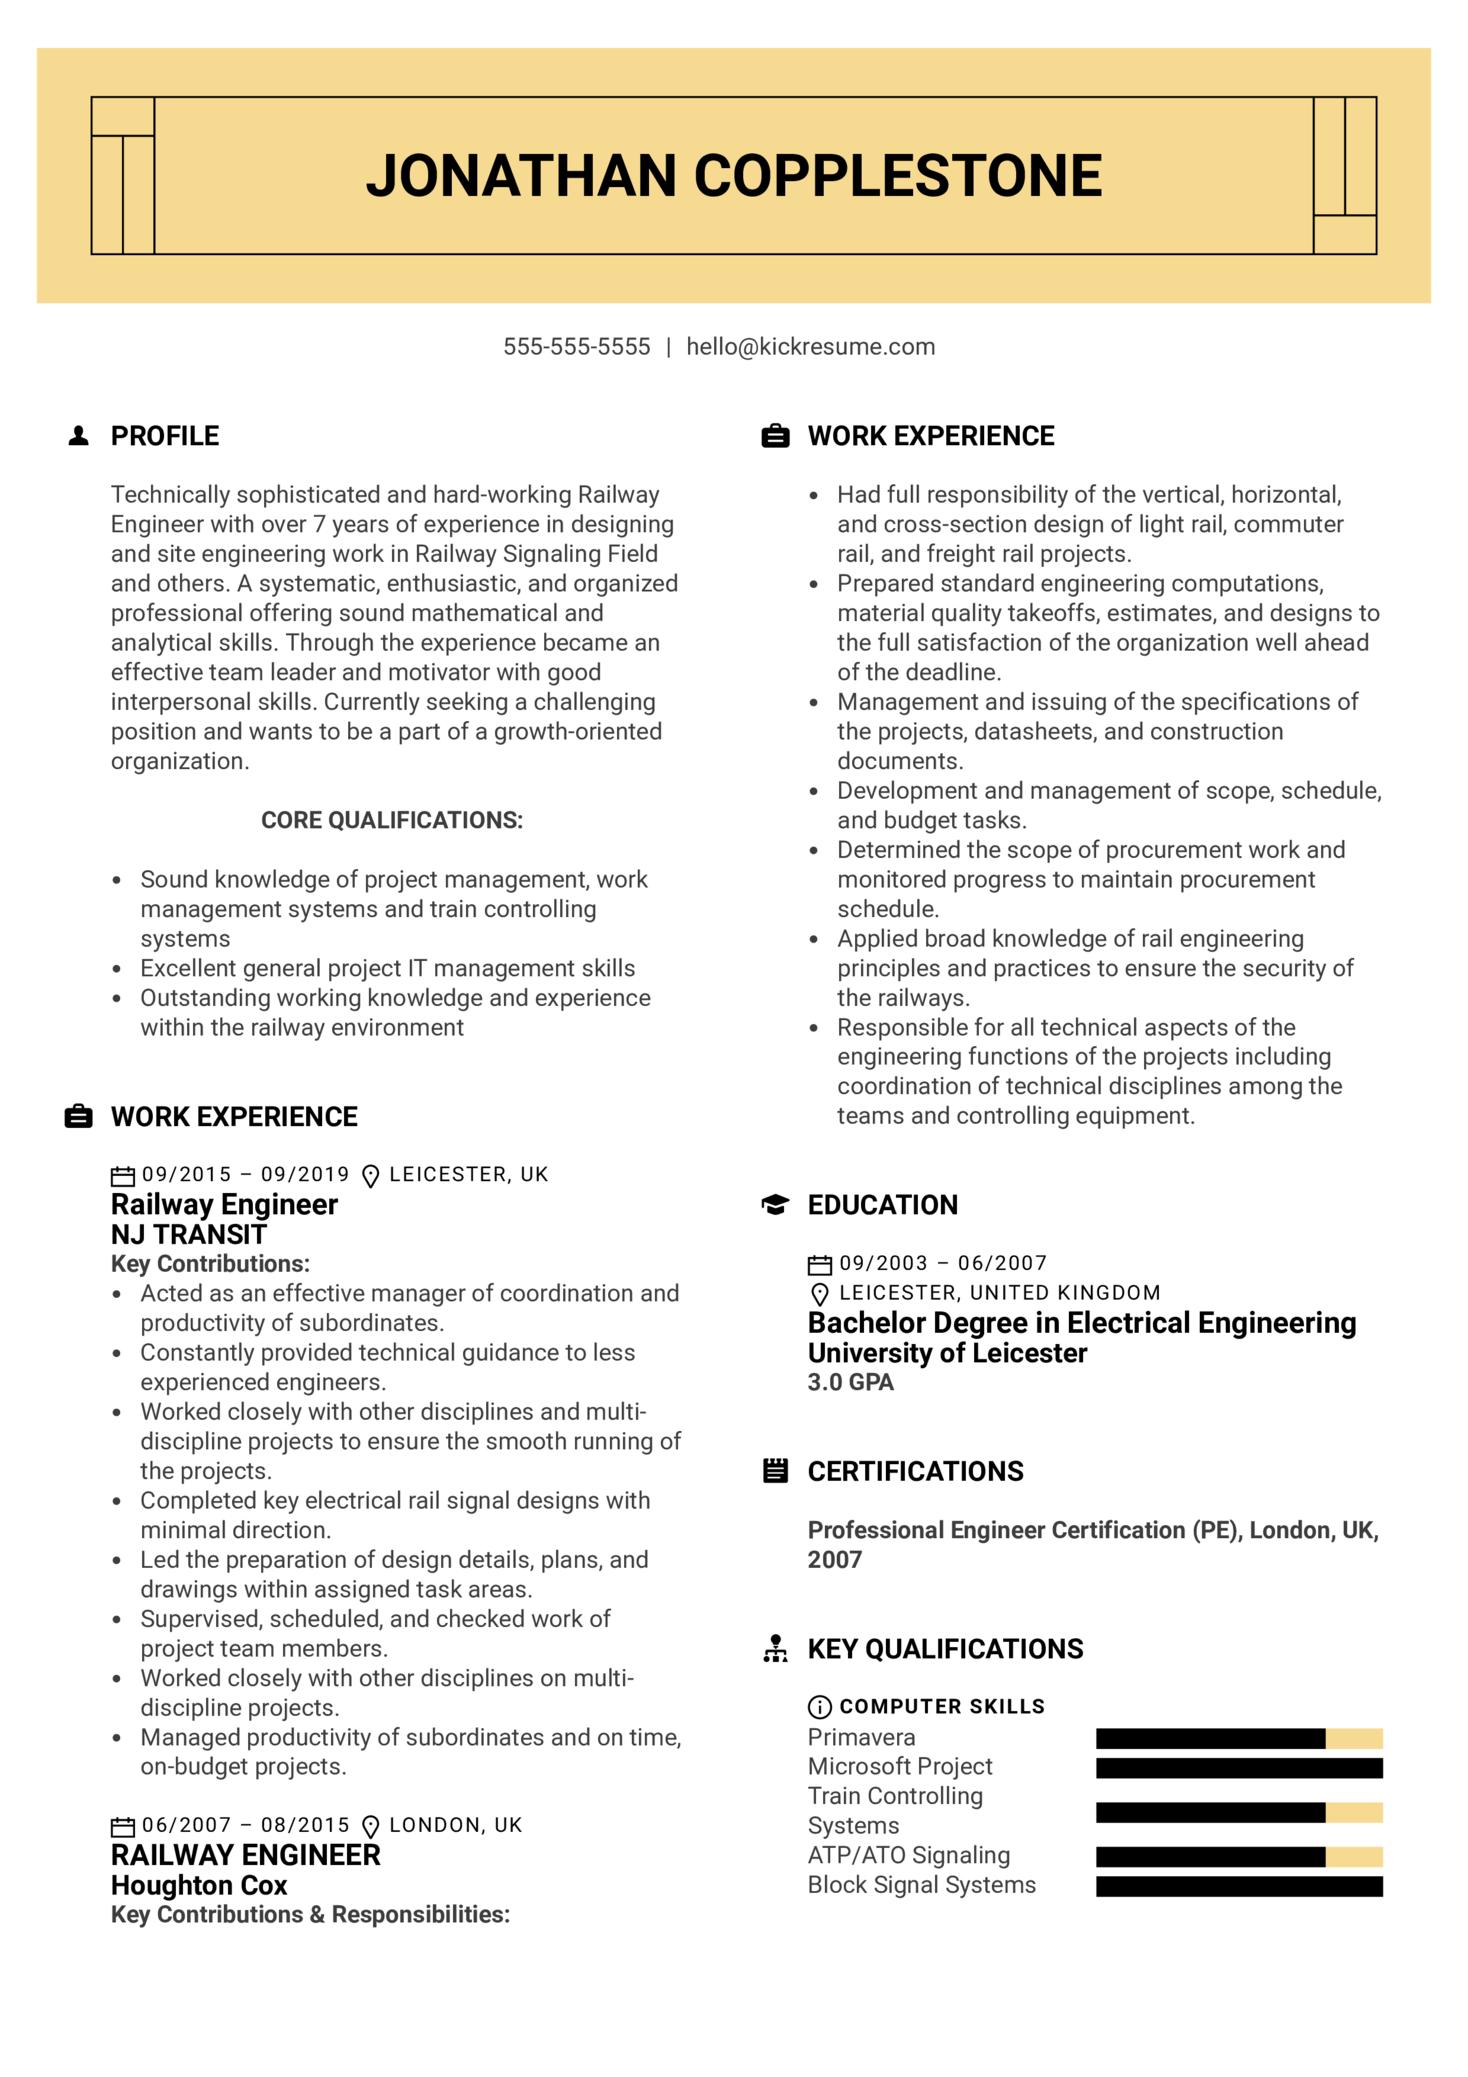 Railway Engineer Resume Sample (parte 1)